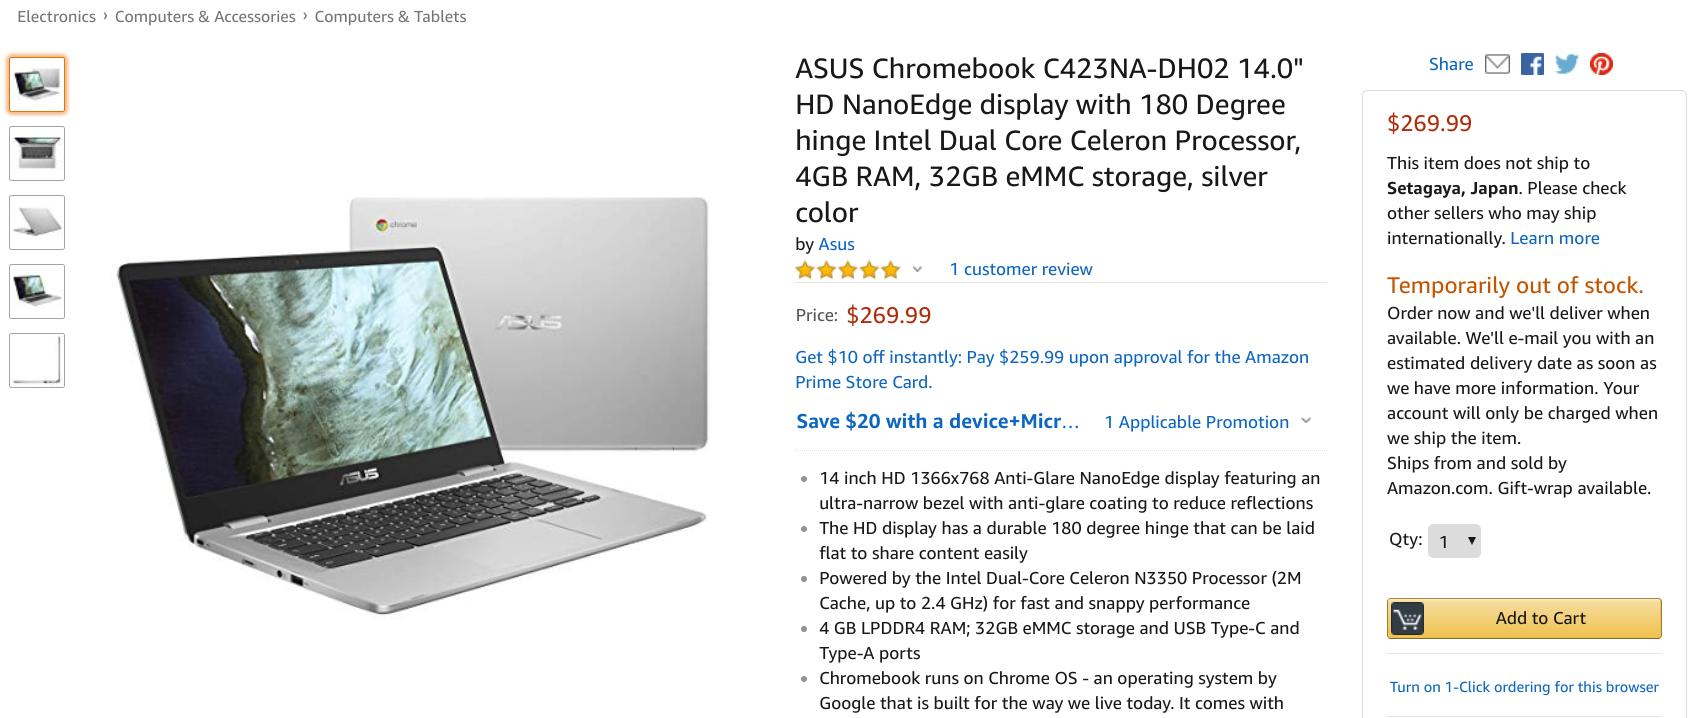 [かぶ] 14インチのスタンダードChromebook、ASUS Chromebook C423NAが米Amazonに登場。現時点ではHDモデルのみ(直送不可、一時的に在庫切れ)。